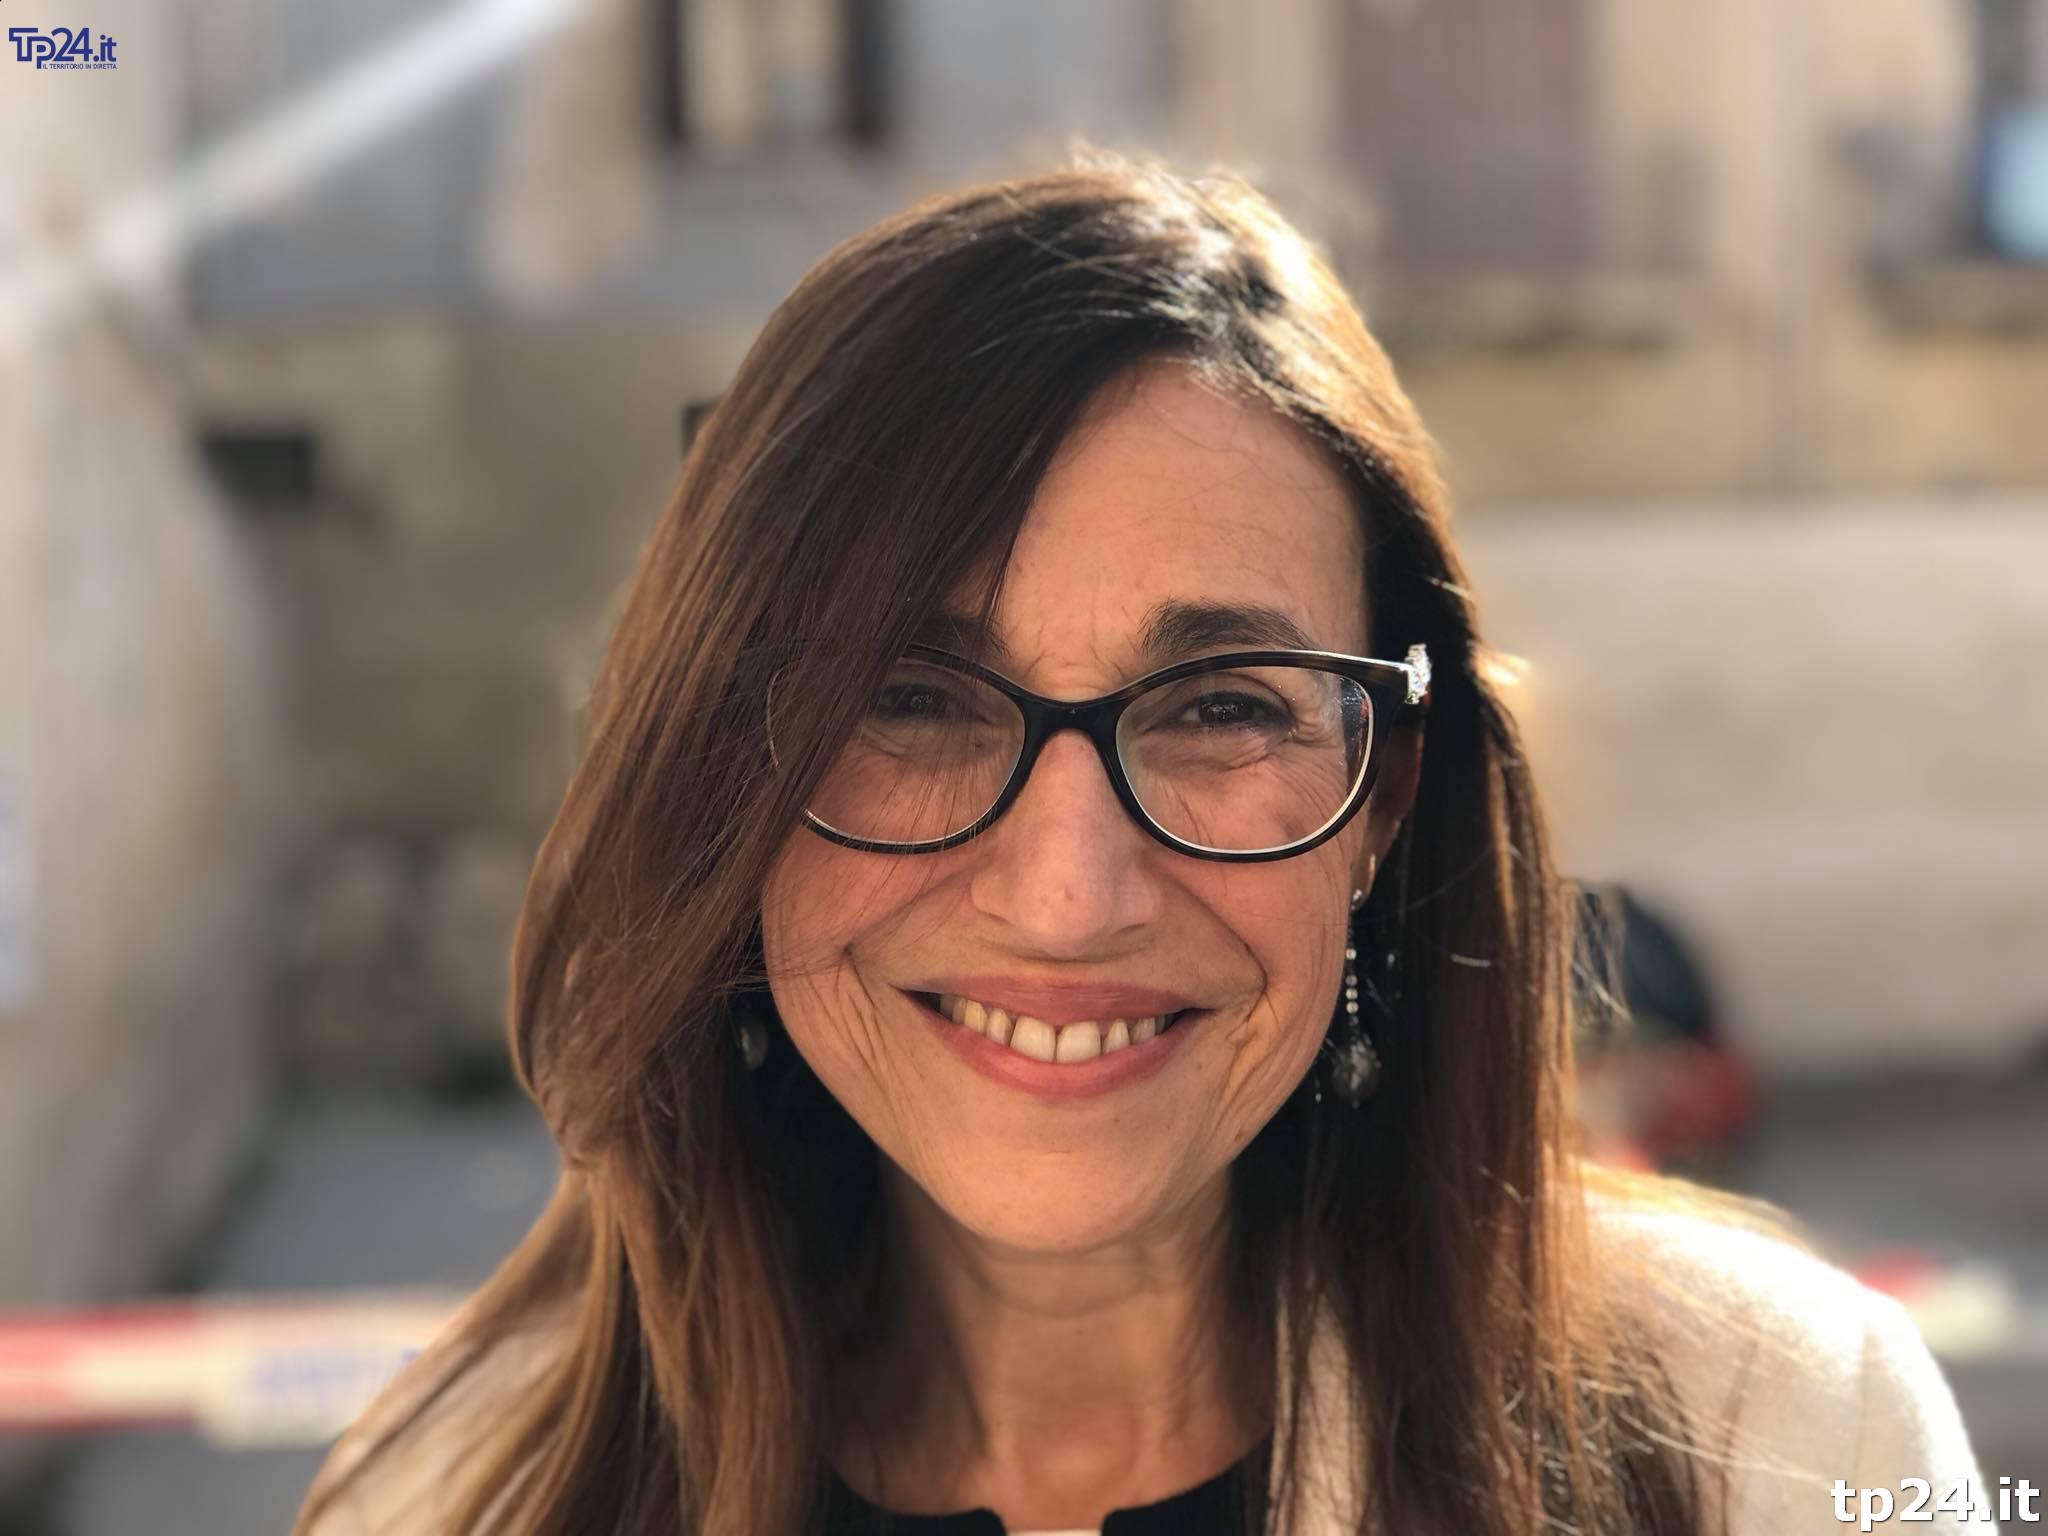 Elezioni Politiche 2018, sondaggi elettorali: quadro Italia e Regioni (febbraio)